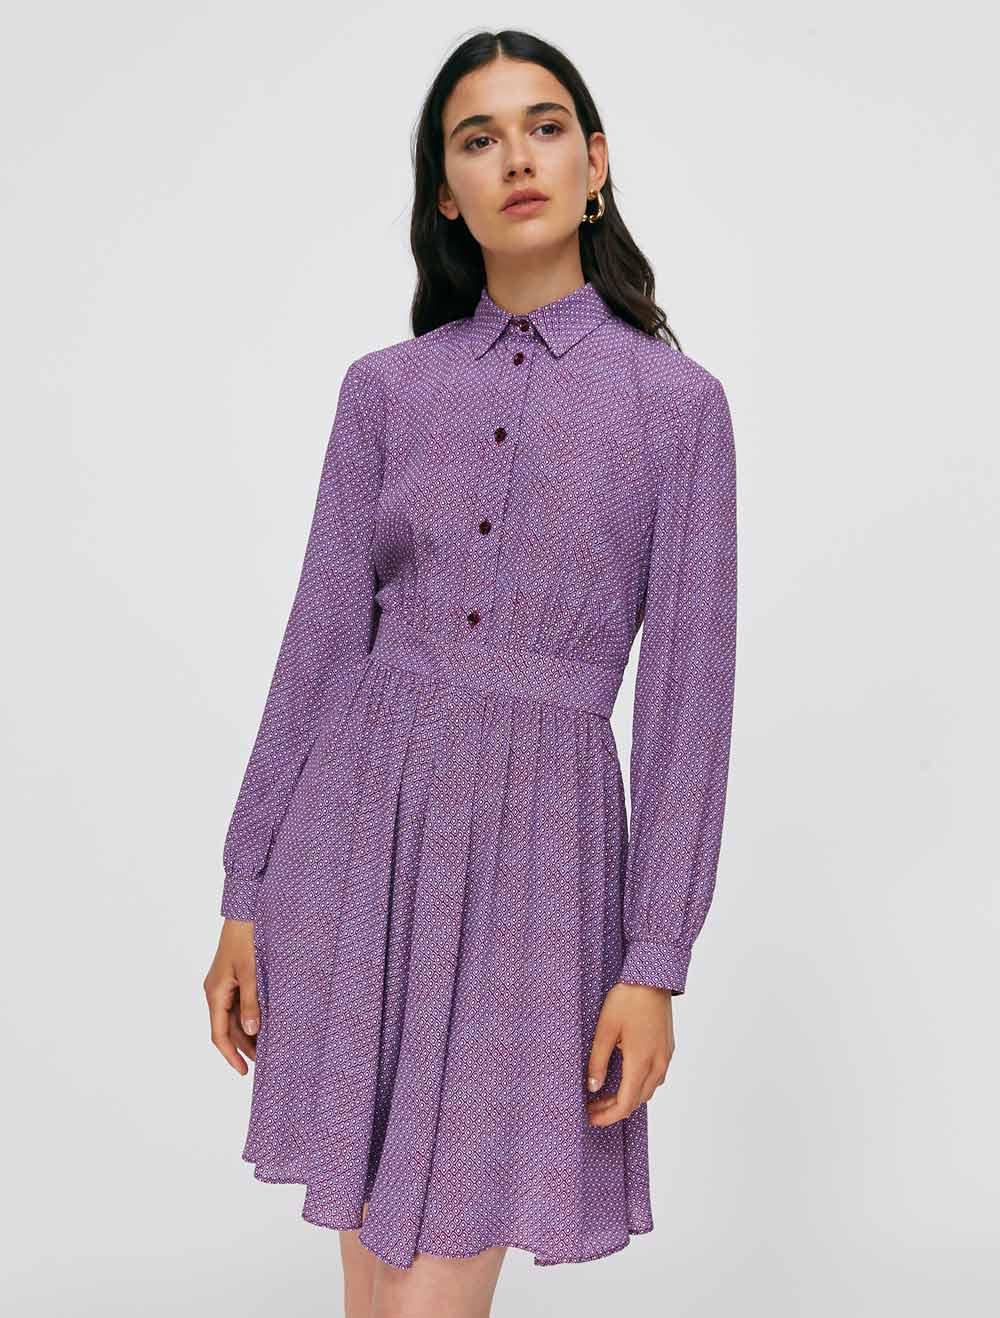 Colores de la moda invierno 2020